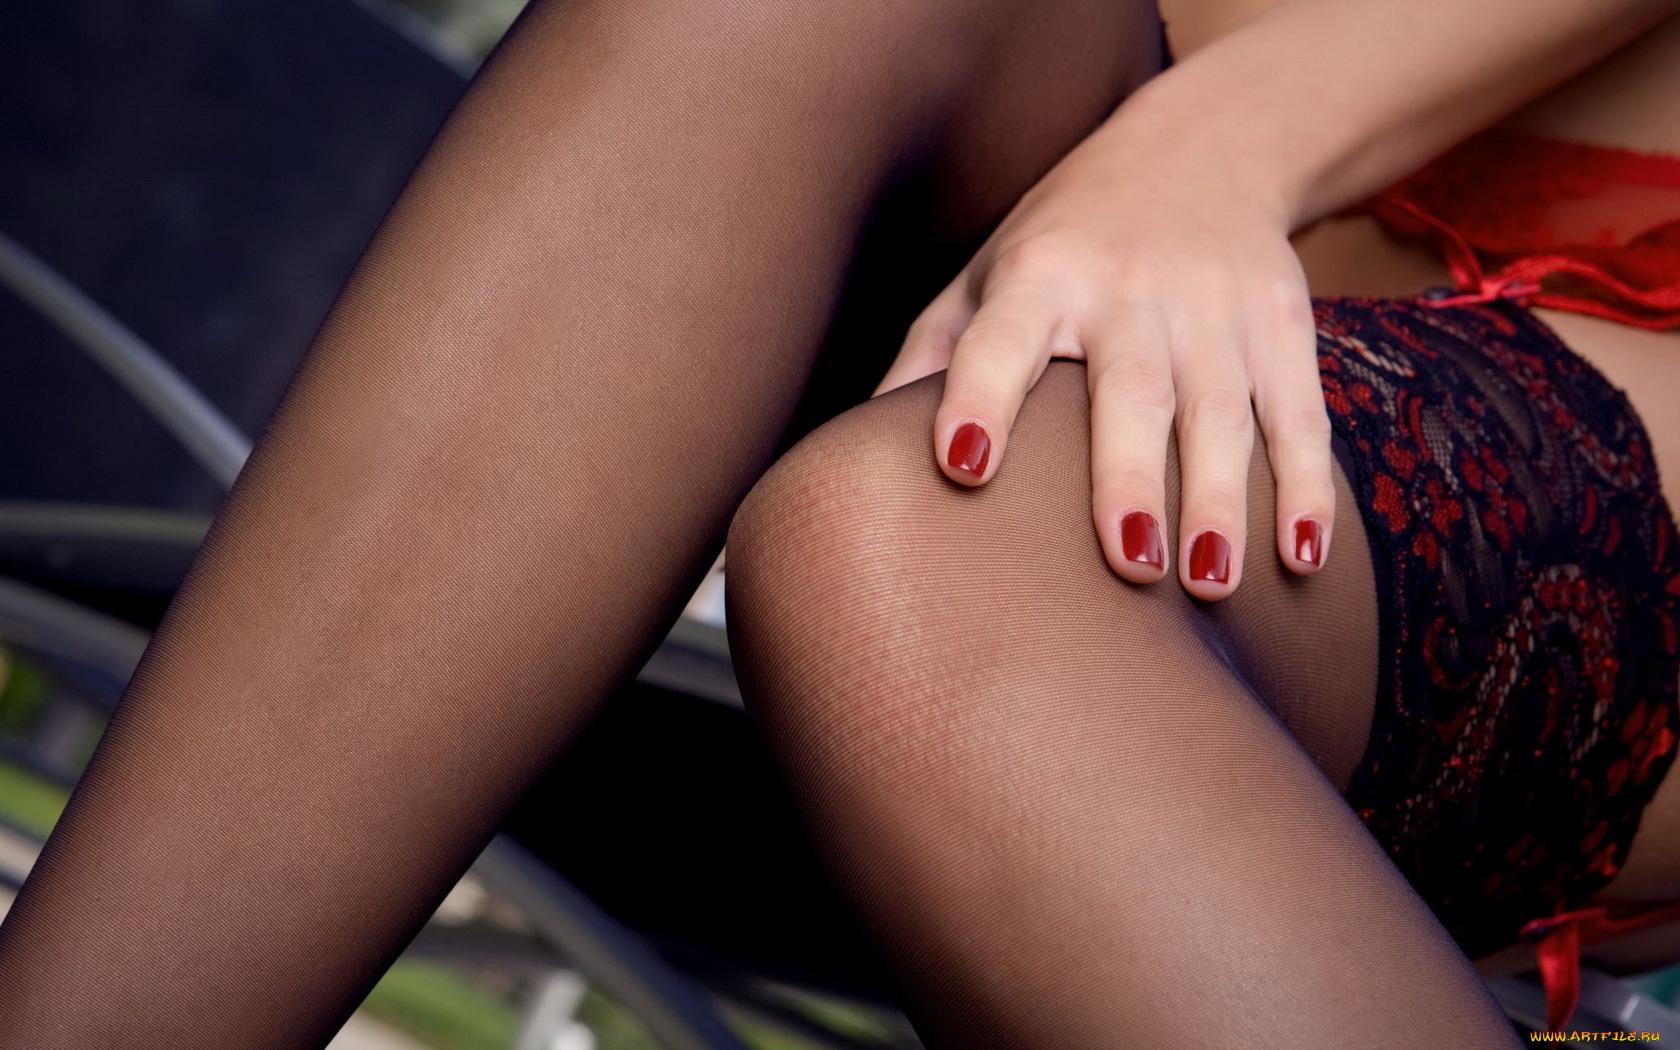 Секс шефом что прячет женщина между ног крупный план фото юбкой без трусов